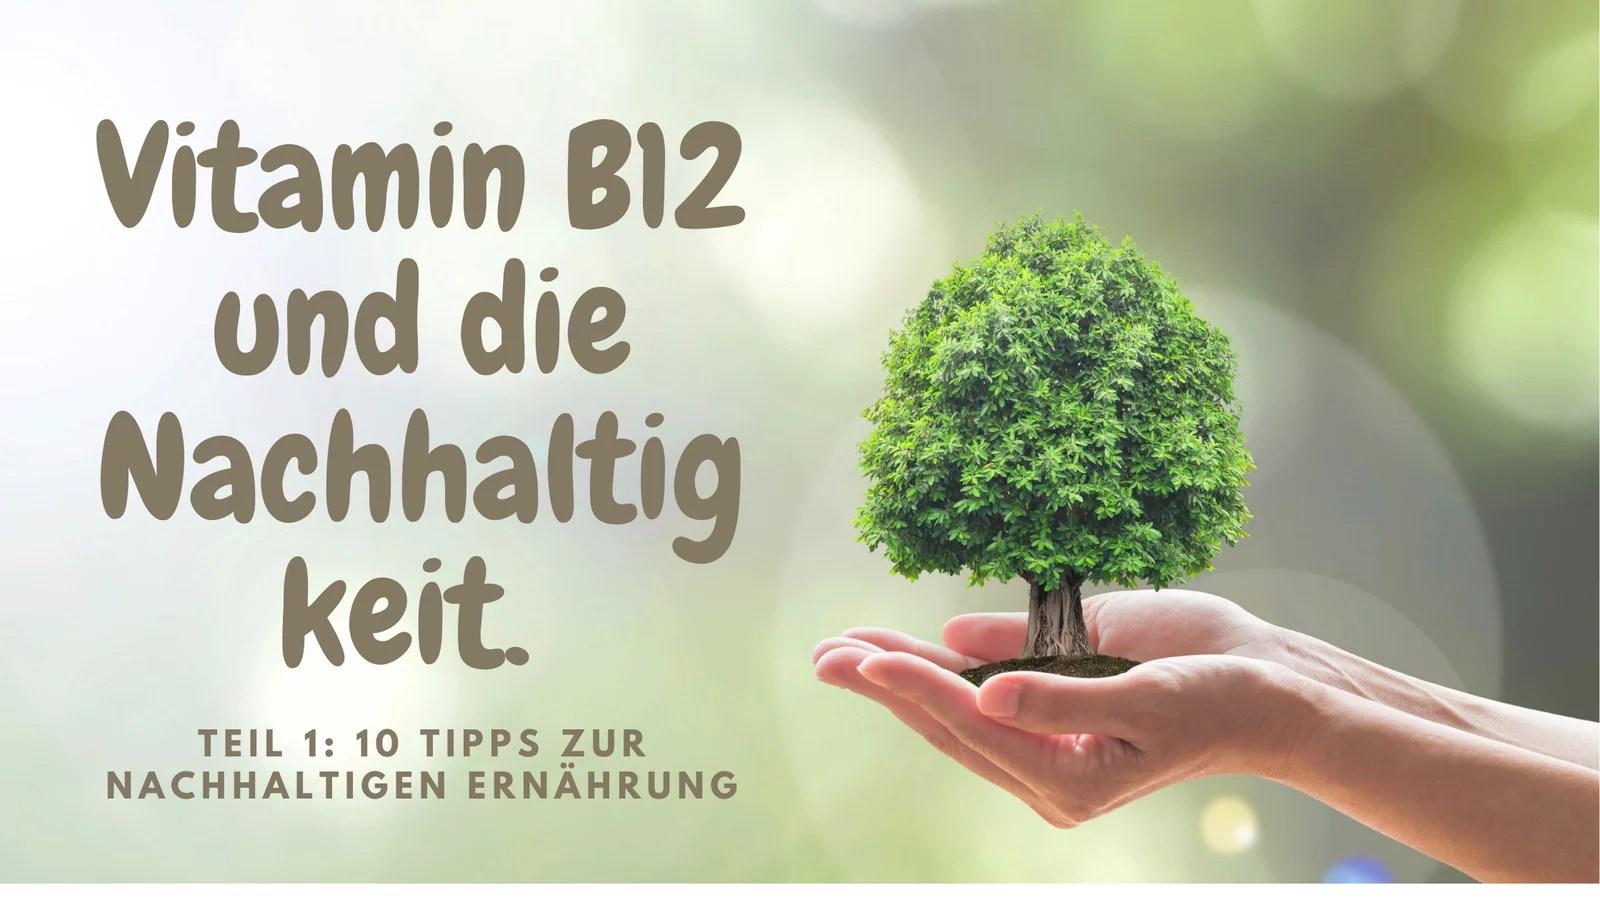 Vitamin B12 und die Nachhaltigkeit. Tipps zur nachhaltigen Ernährung